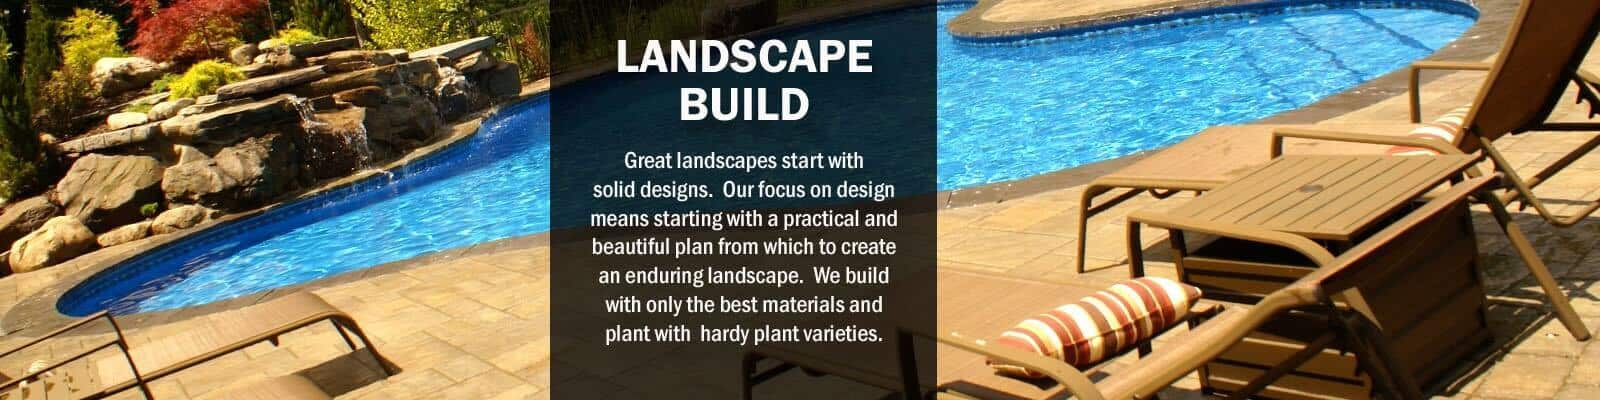 landscape-build1